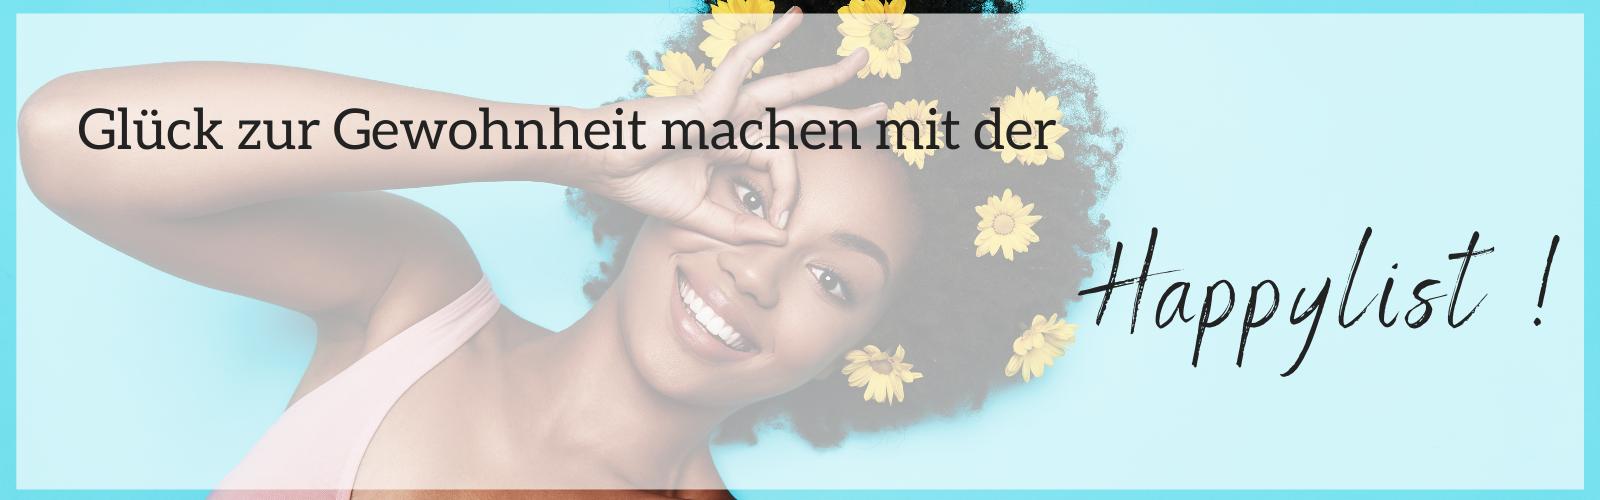 Glück-Liste-Erinnerungen-Reminder-Wege-zum-Glück-glücklich-glücklich-sein-ich-bin-glücklich-sei-glücklich-R-Bild-Desktop